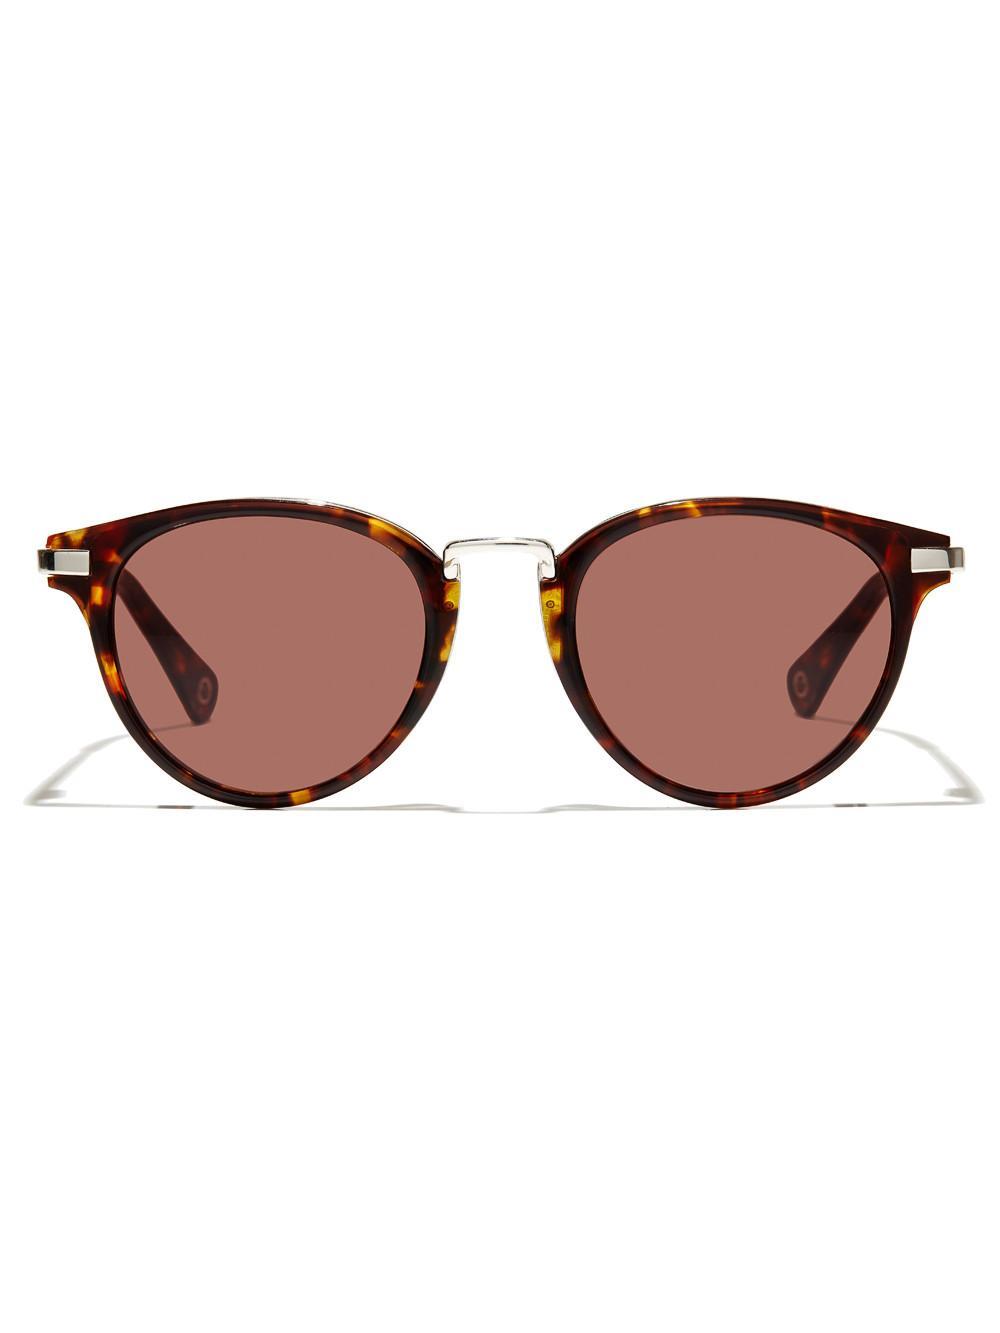 889df29a55f Lyst - Vilebrequin Piston Sunglasses in Brown